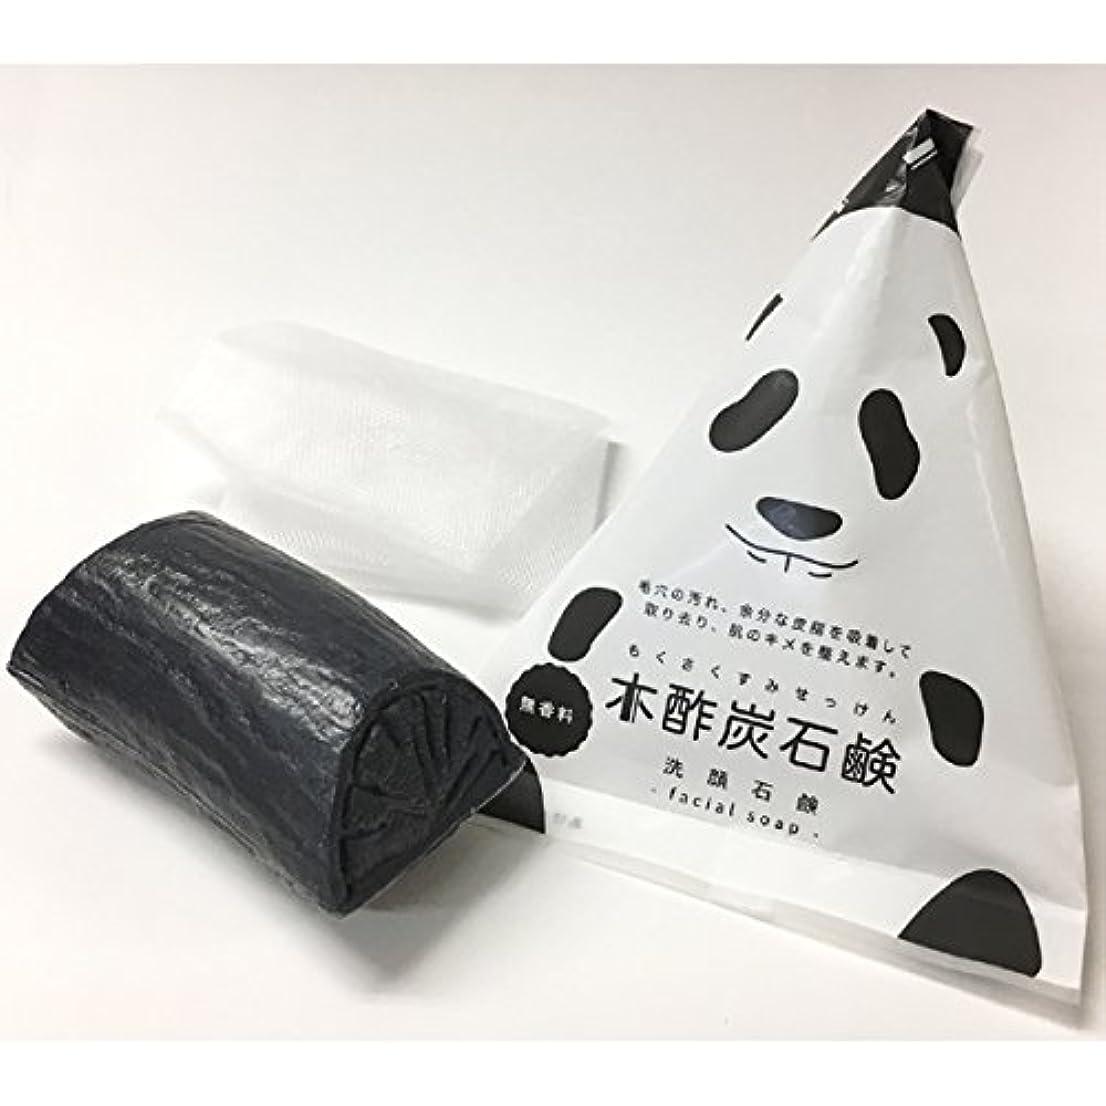 ガス惨めなにぎやかフェニックス木酢炭泥棒石鹸120g(5個セット)